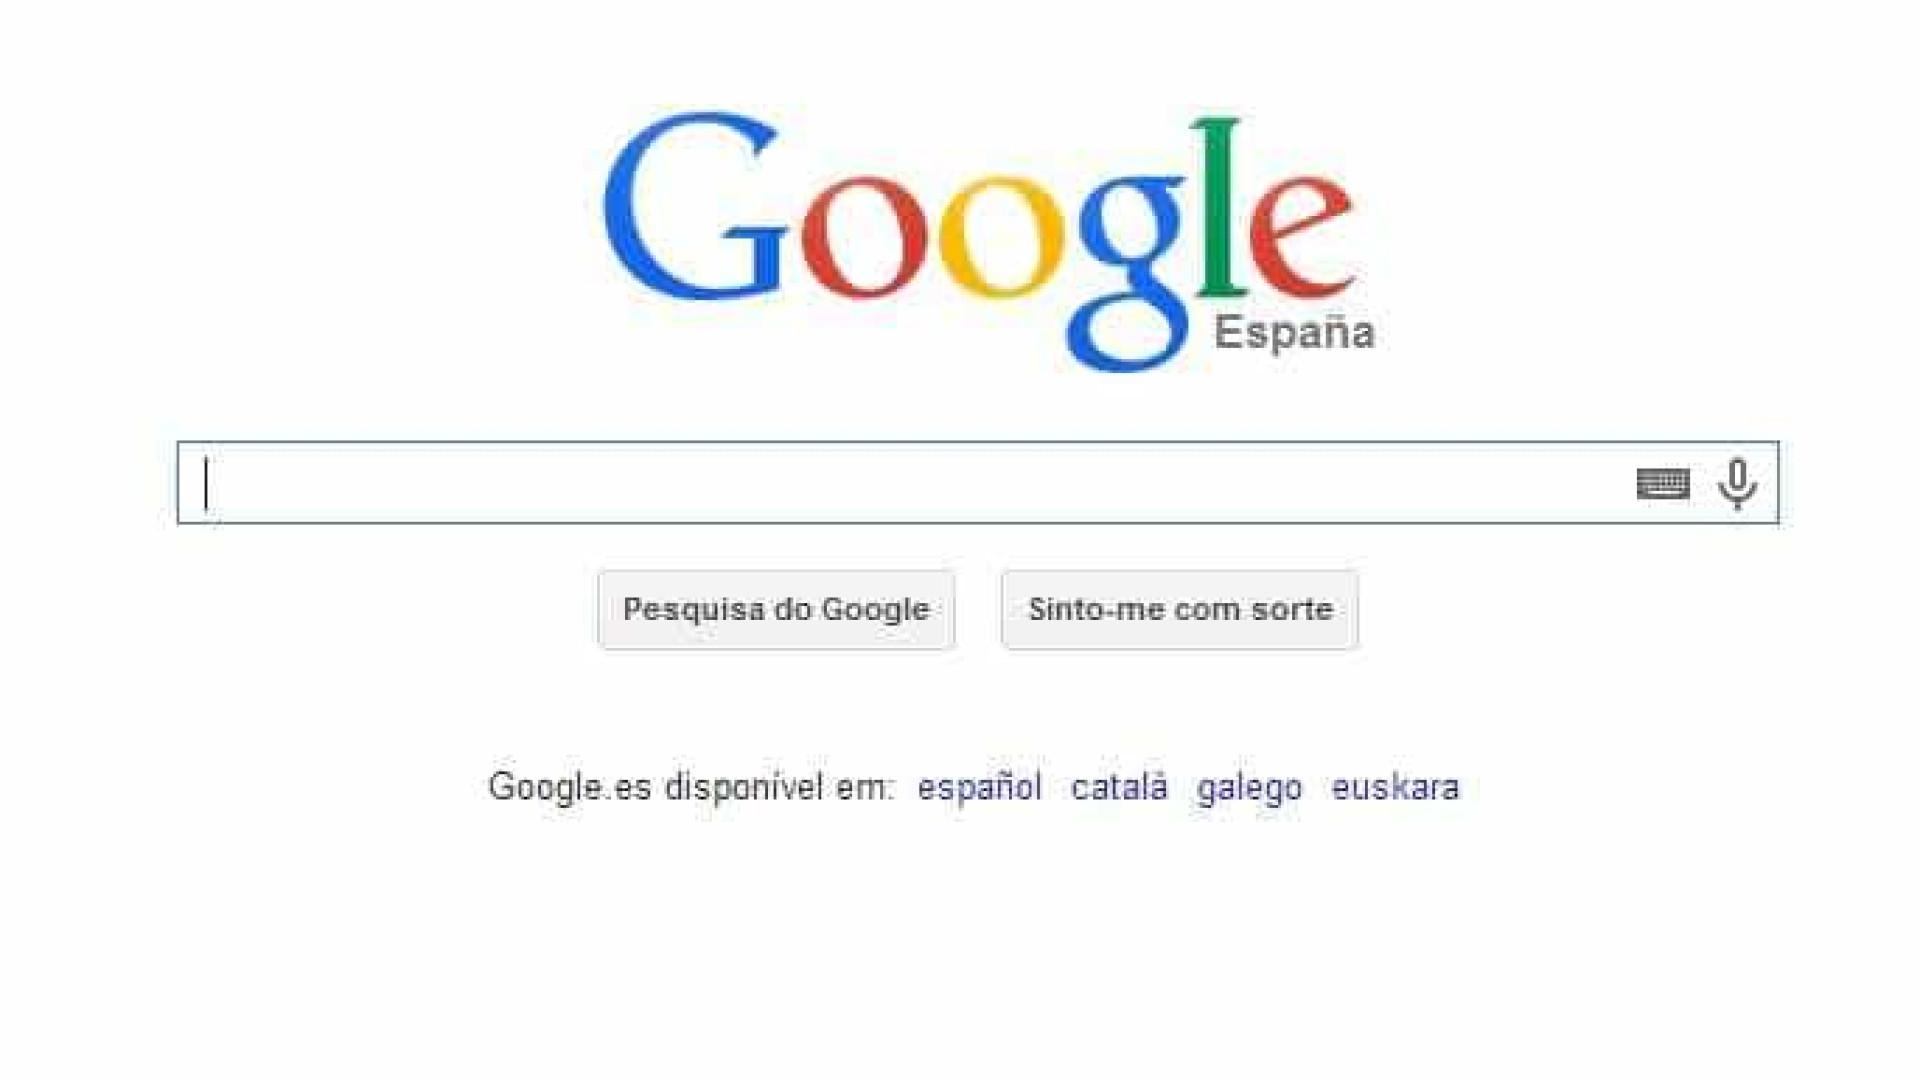 Sabe como pesquisar no Google? Estes truques podem ajudar